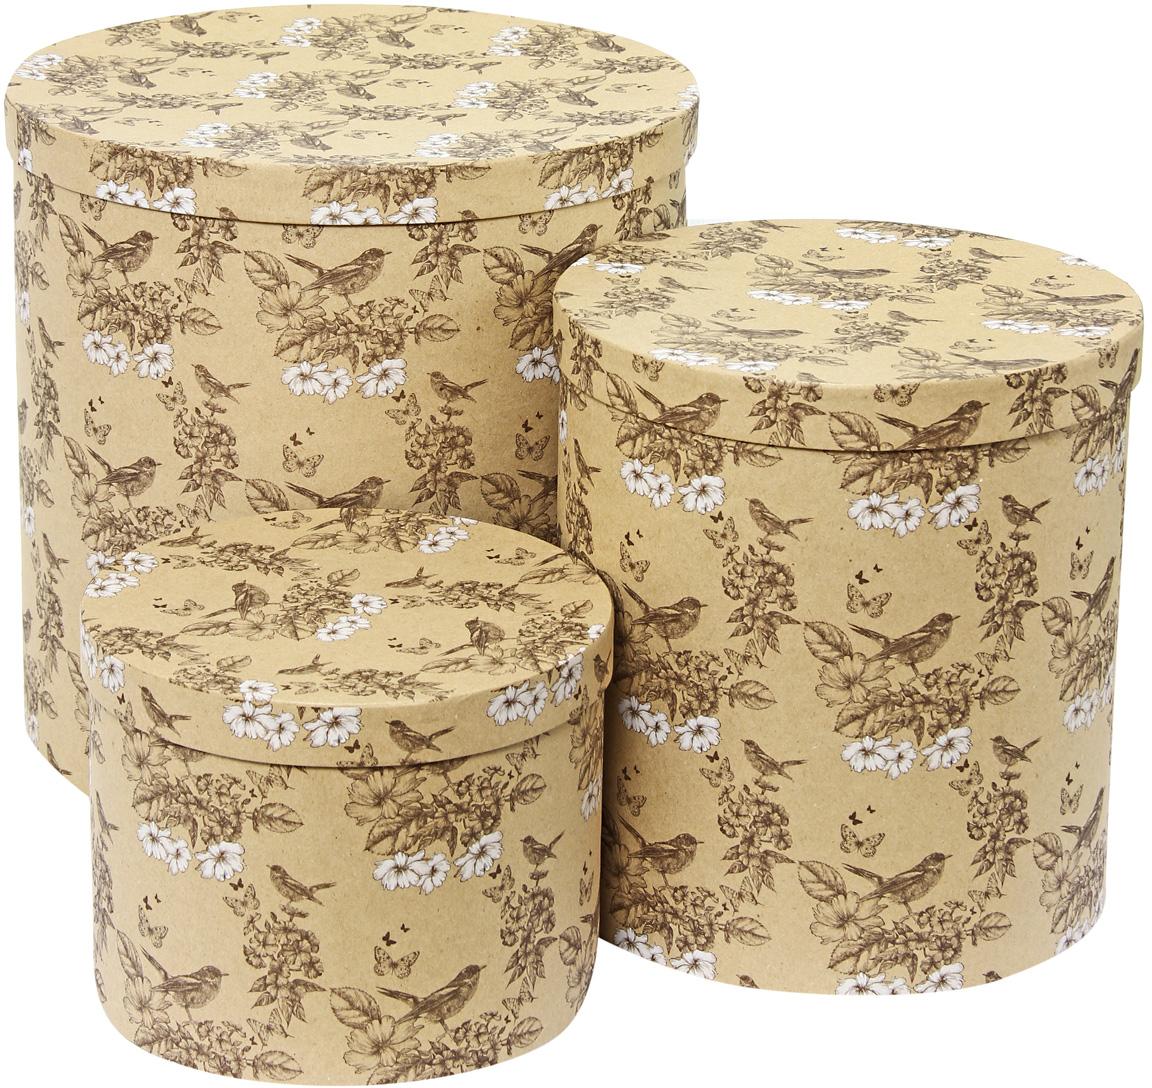 Набор подарочных коробок Veld-Co Гимн весне, круглые, высокие, 3 шт набор подарочных коробок veld co горошек с бантиком кубы 3 шт